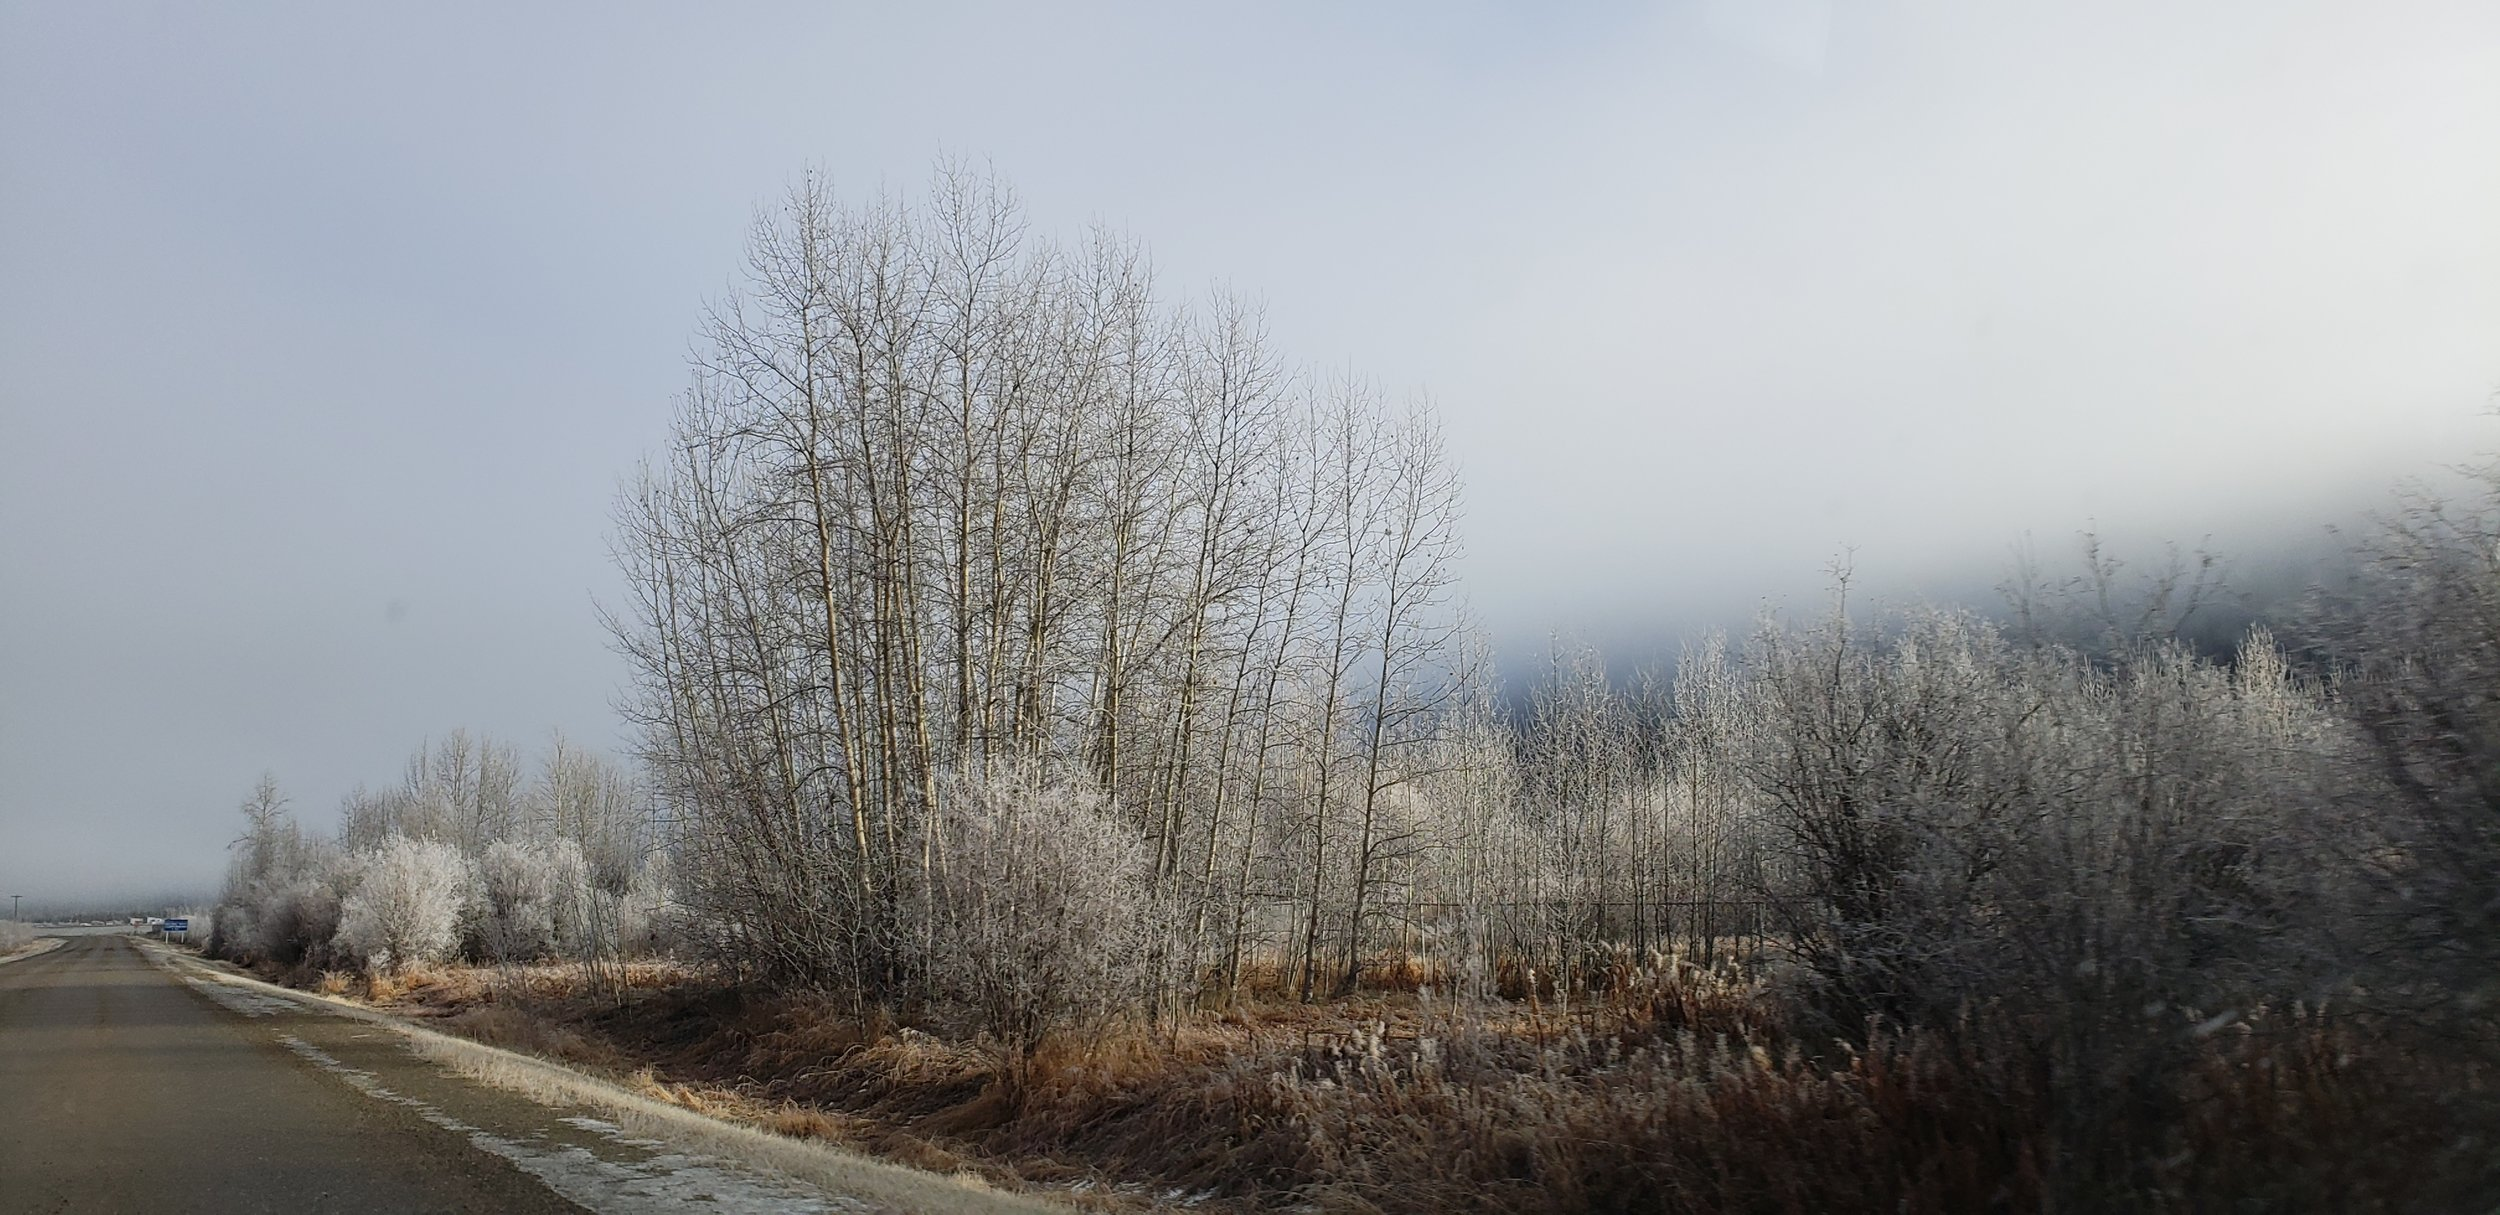 Les arbres et les buissons en bord de route sont givrés